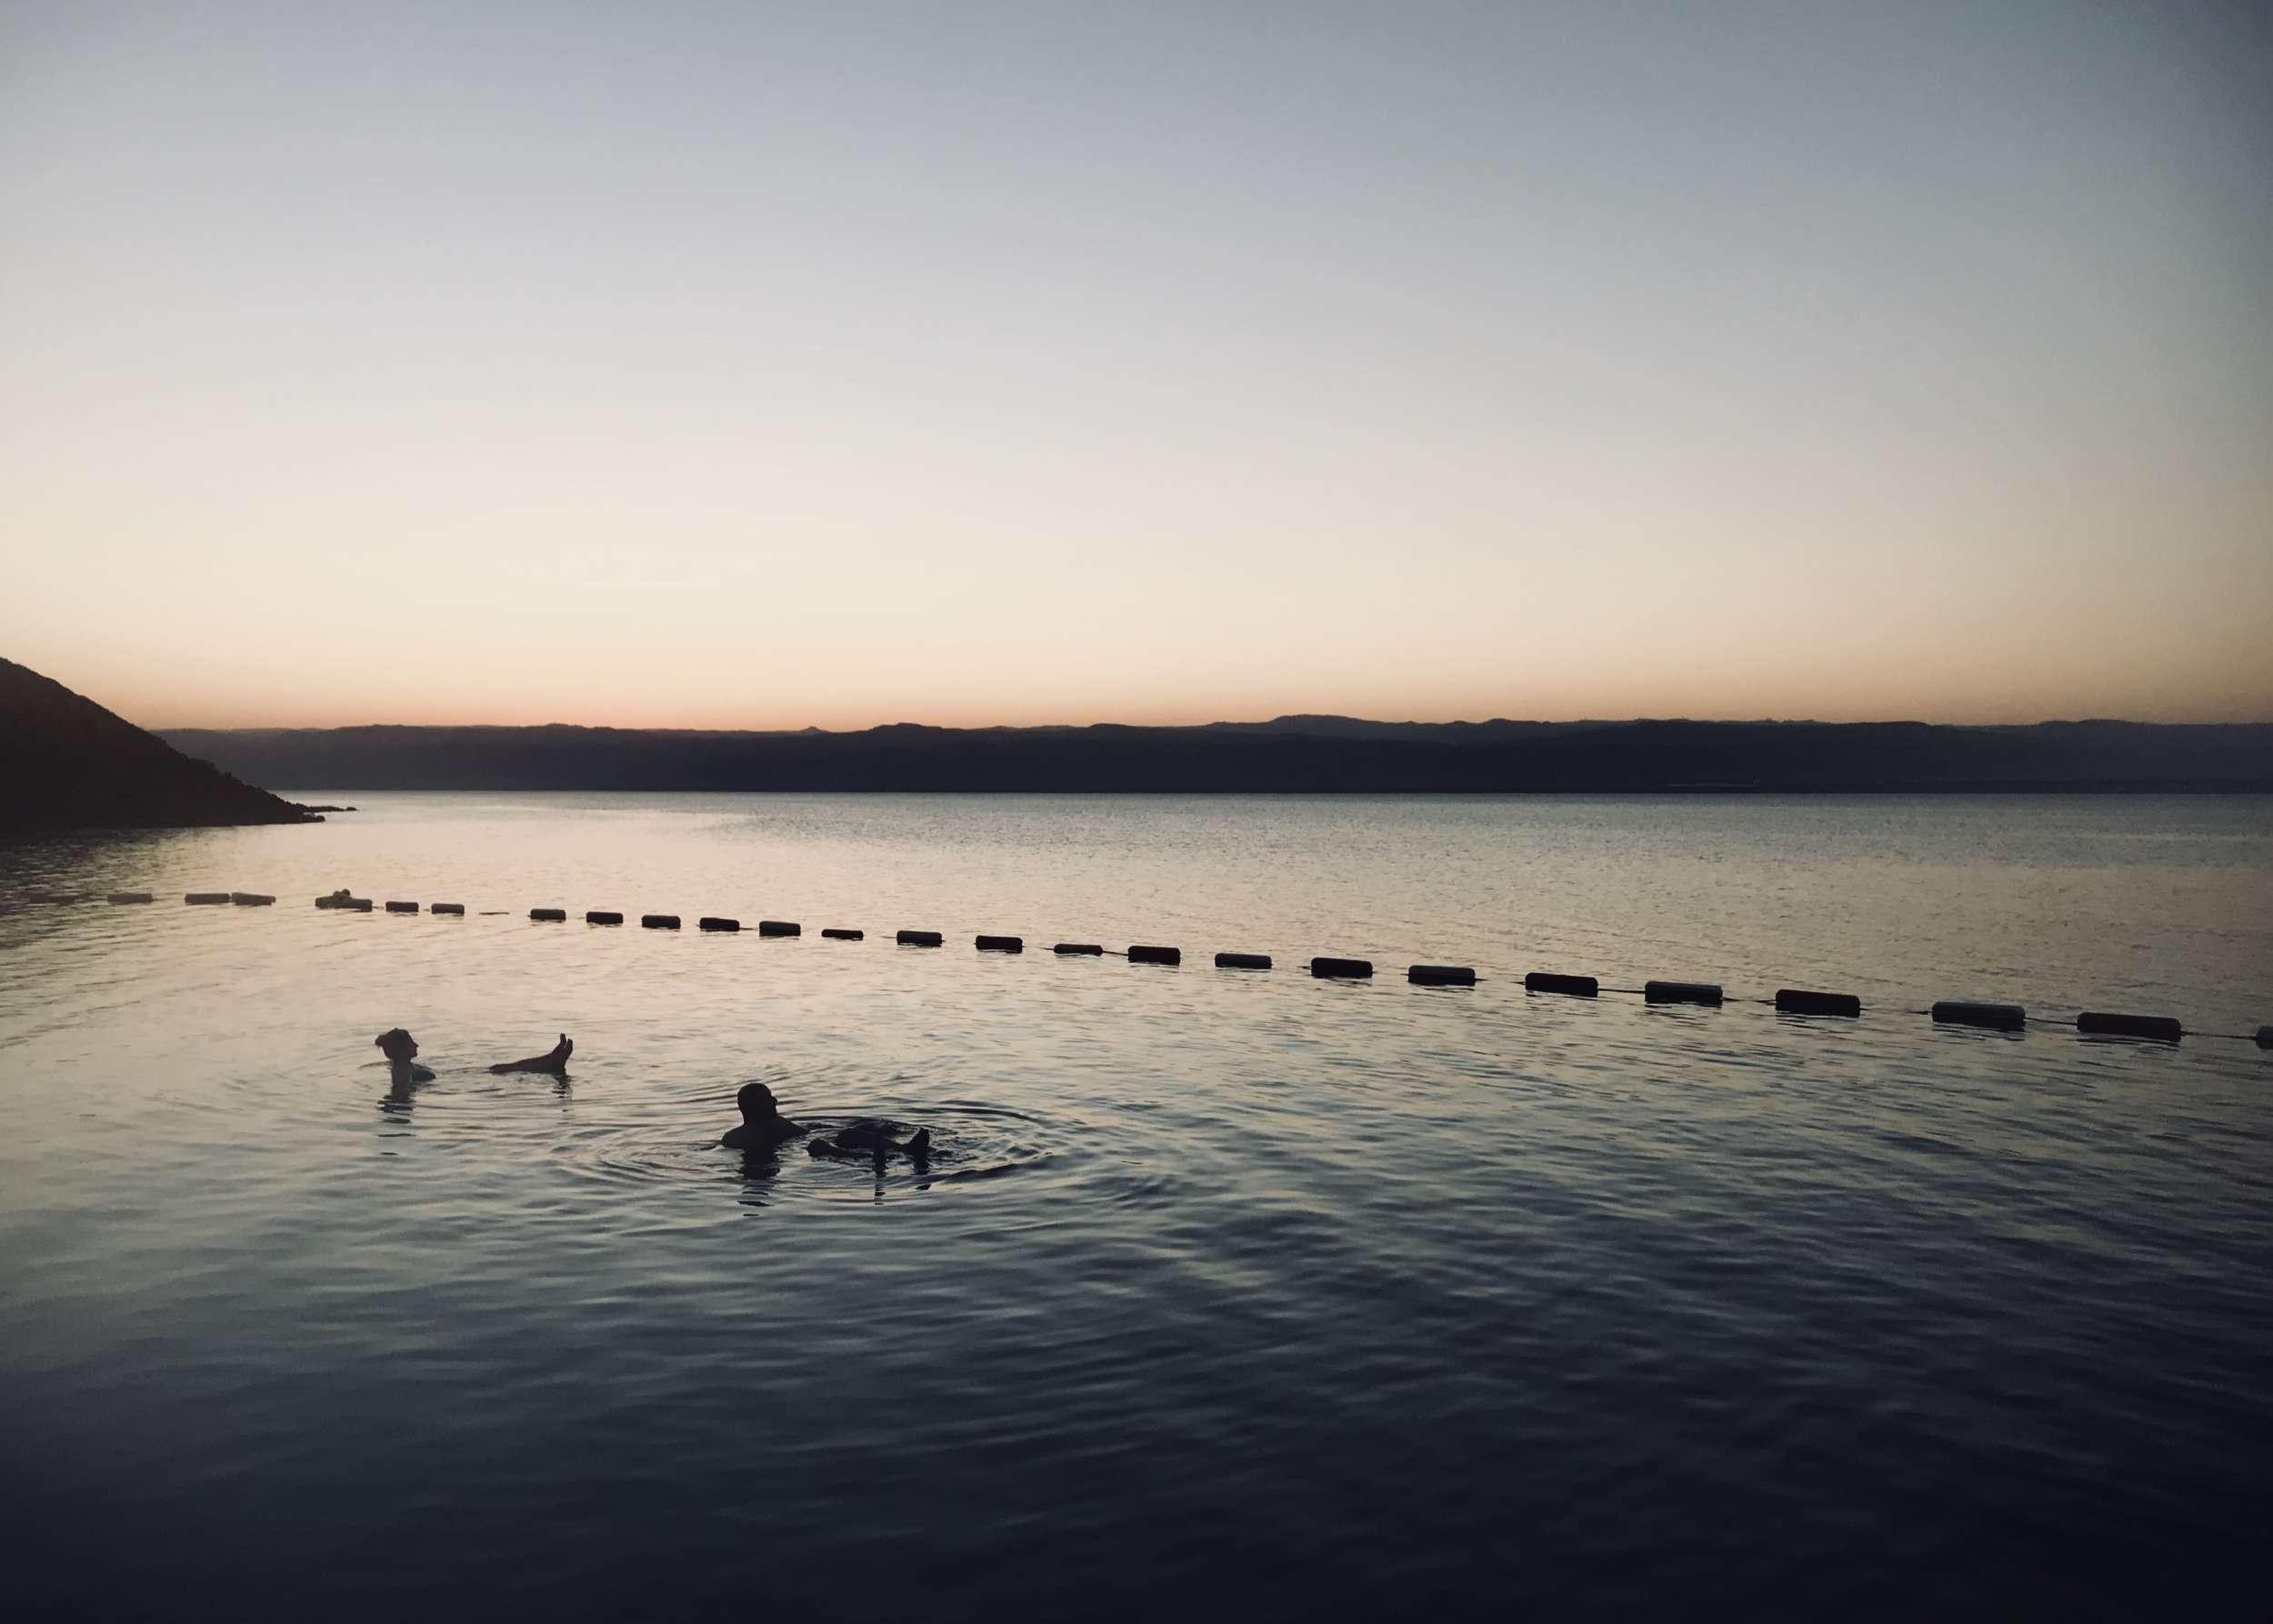 floating in the Dead Sea, Jordan.